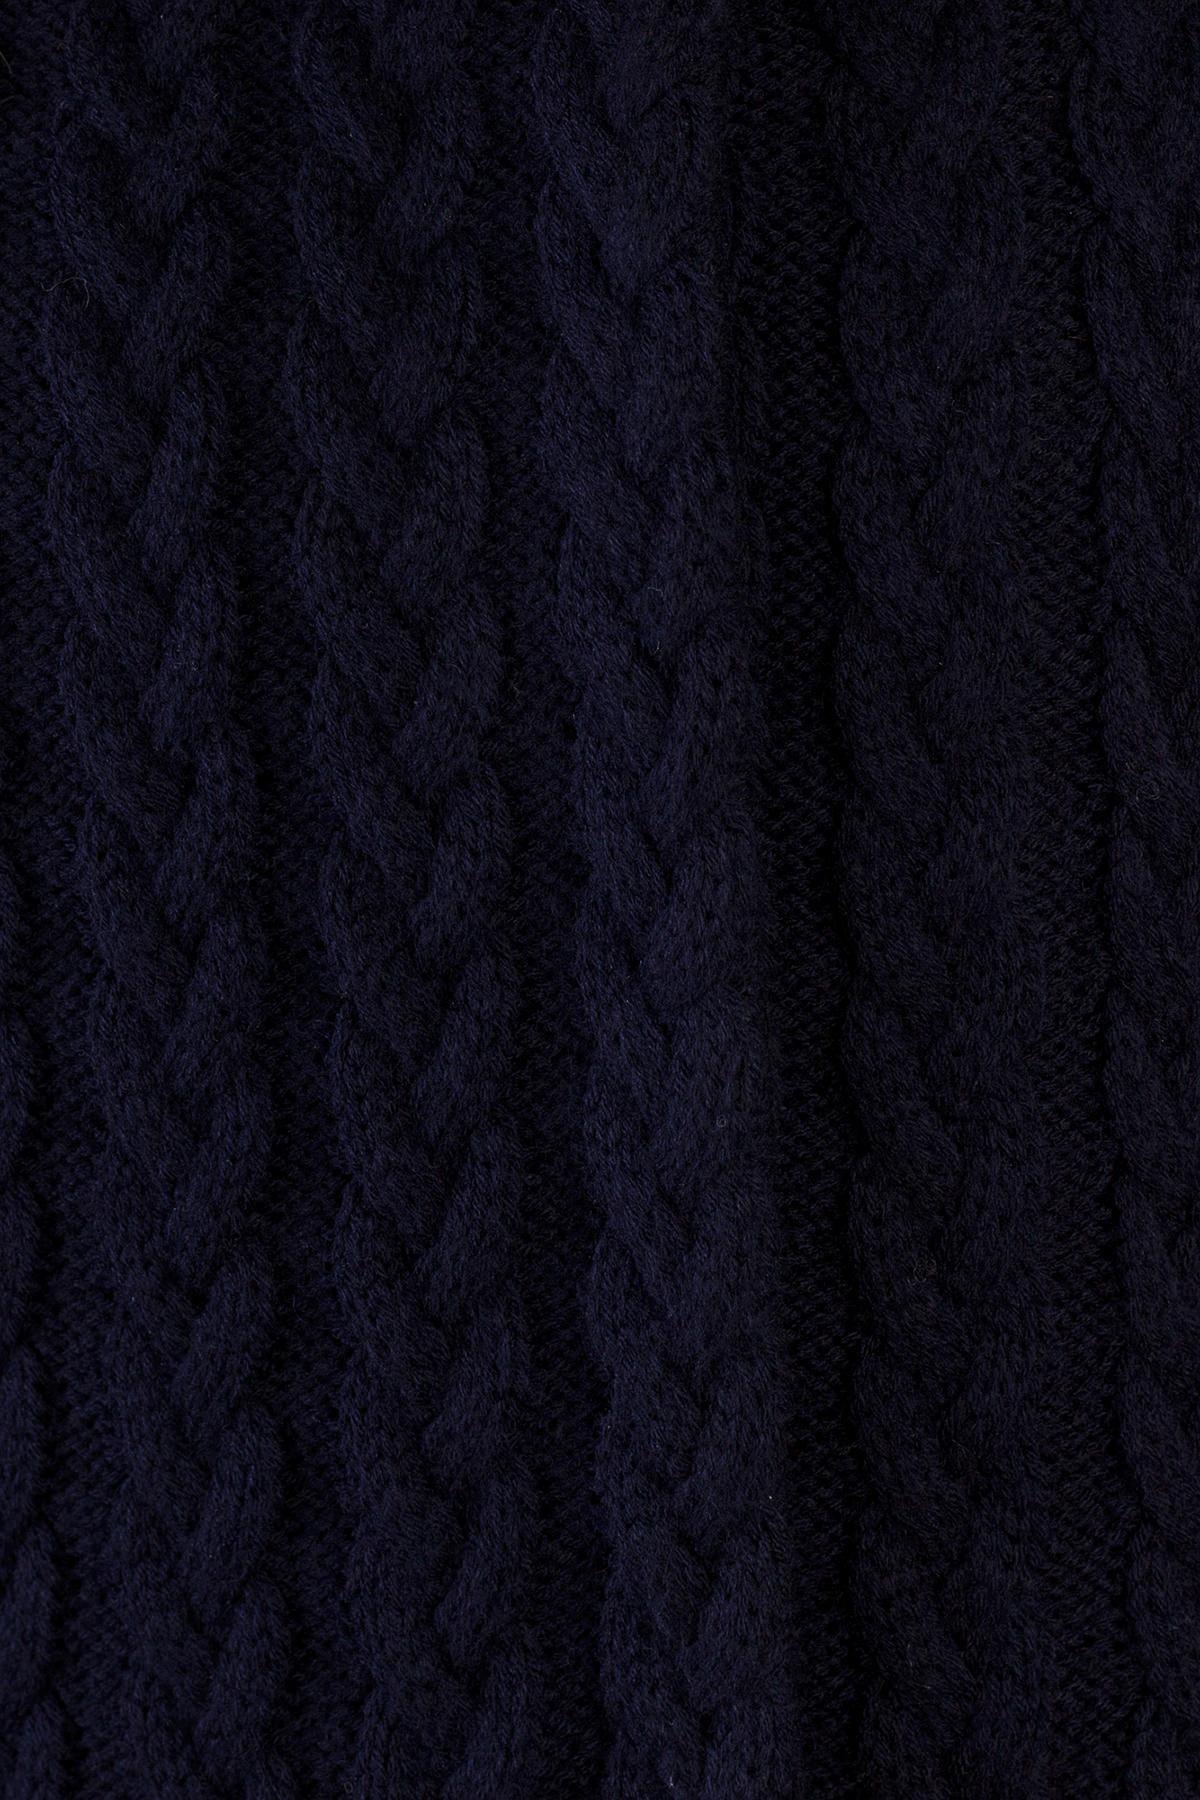 Пальто Бализ 1311 Цвет  Тёмно-синий. РОЗДРІБНА ЦІНА  f486b530c6bda